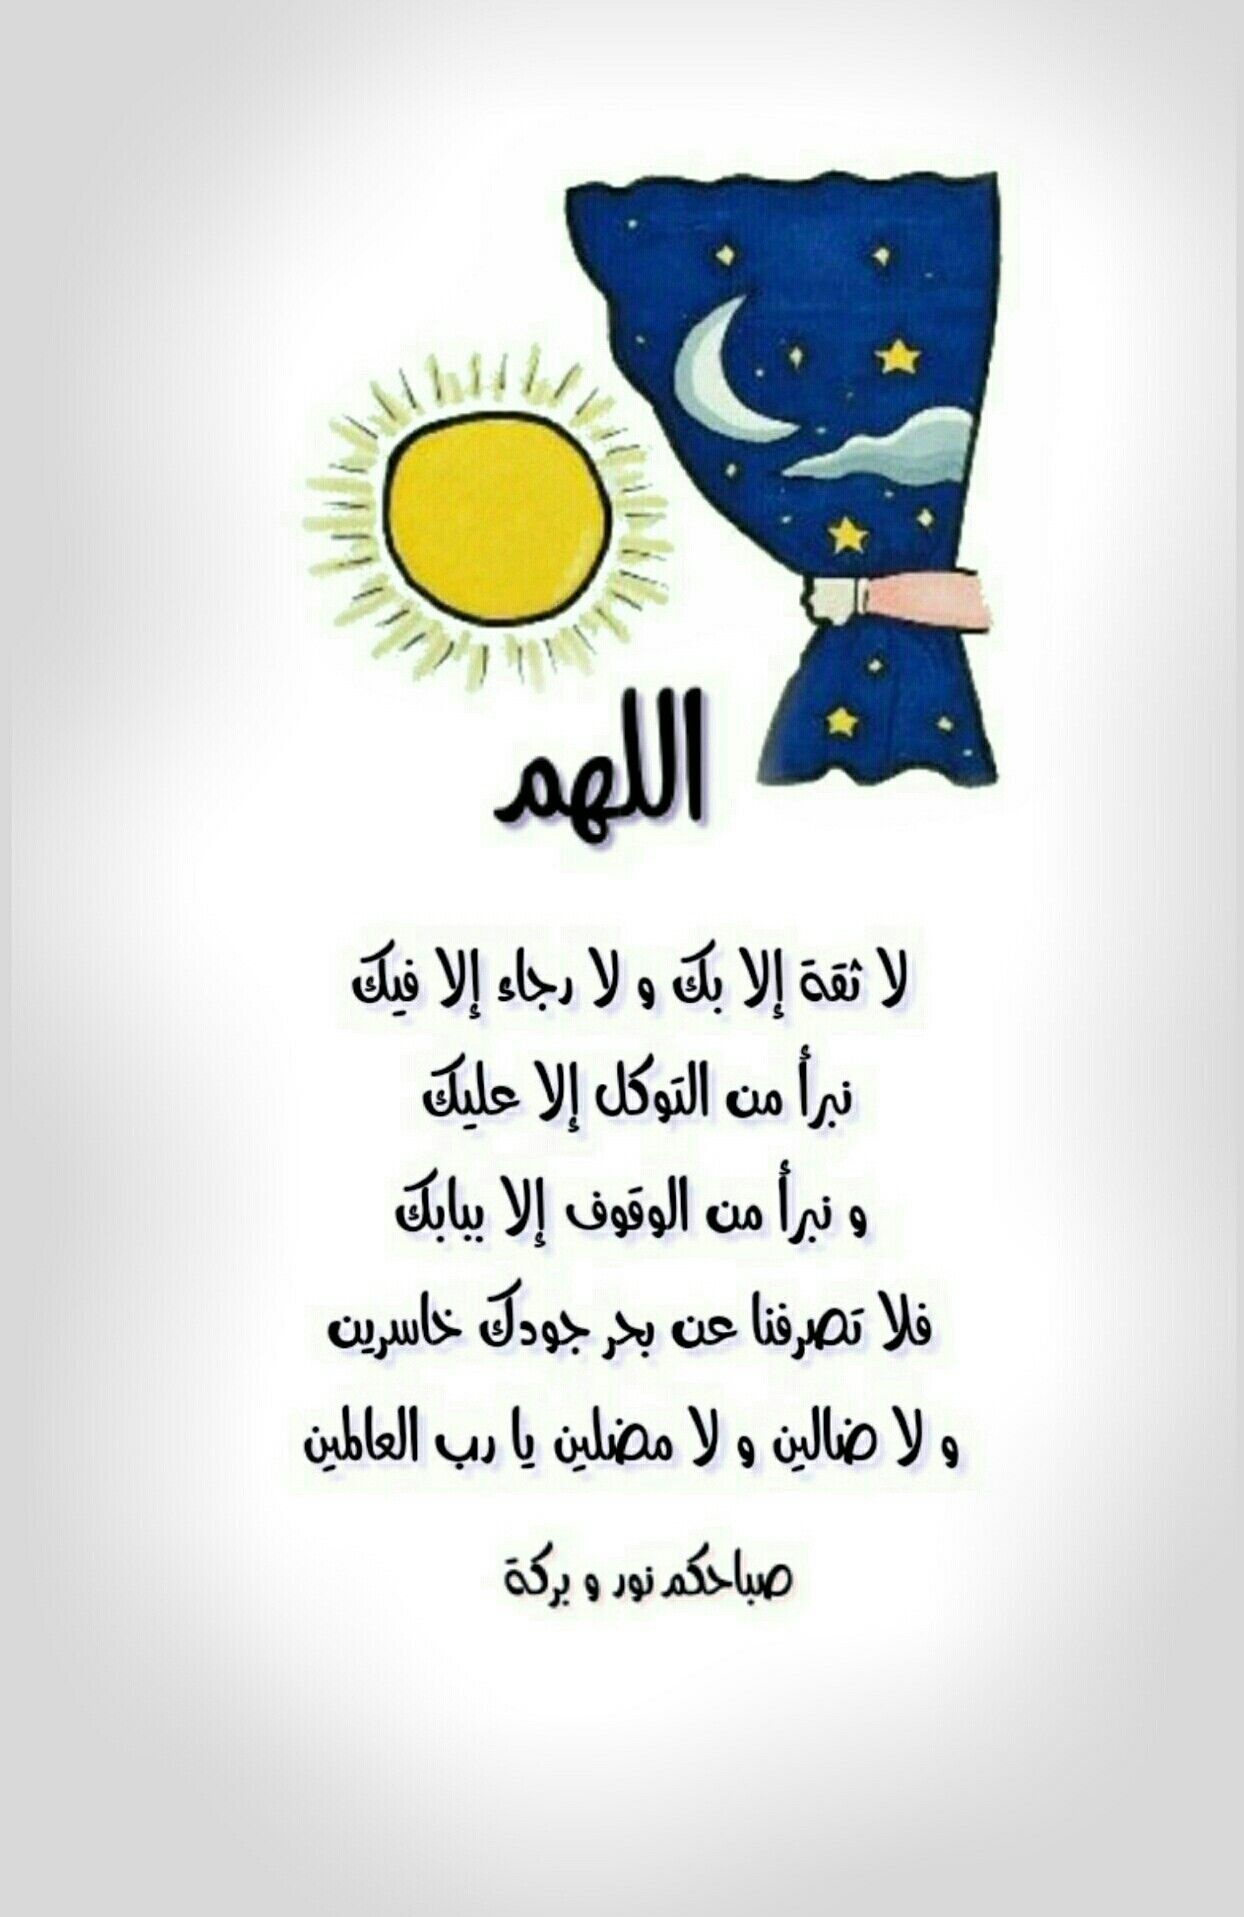 الل ه م لا ثقة إلا بك ولا رجاء إلا فيك نبرأ من التوكل إلا عليك ونبرأ من الوقوف إلا ببابك فل Good Morning Greetings Beautiful Islamic Quotes Great Words